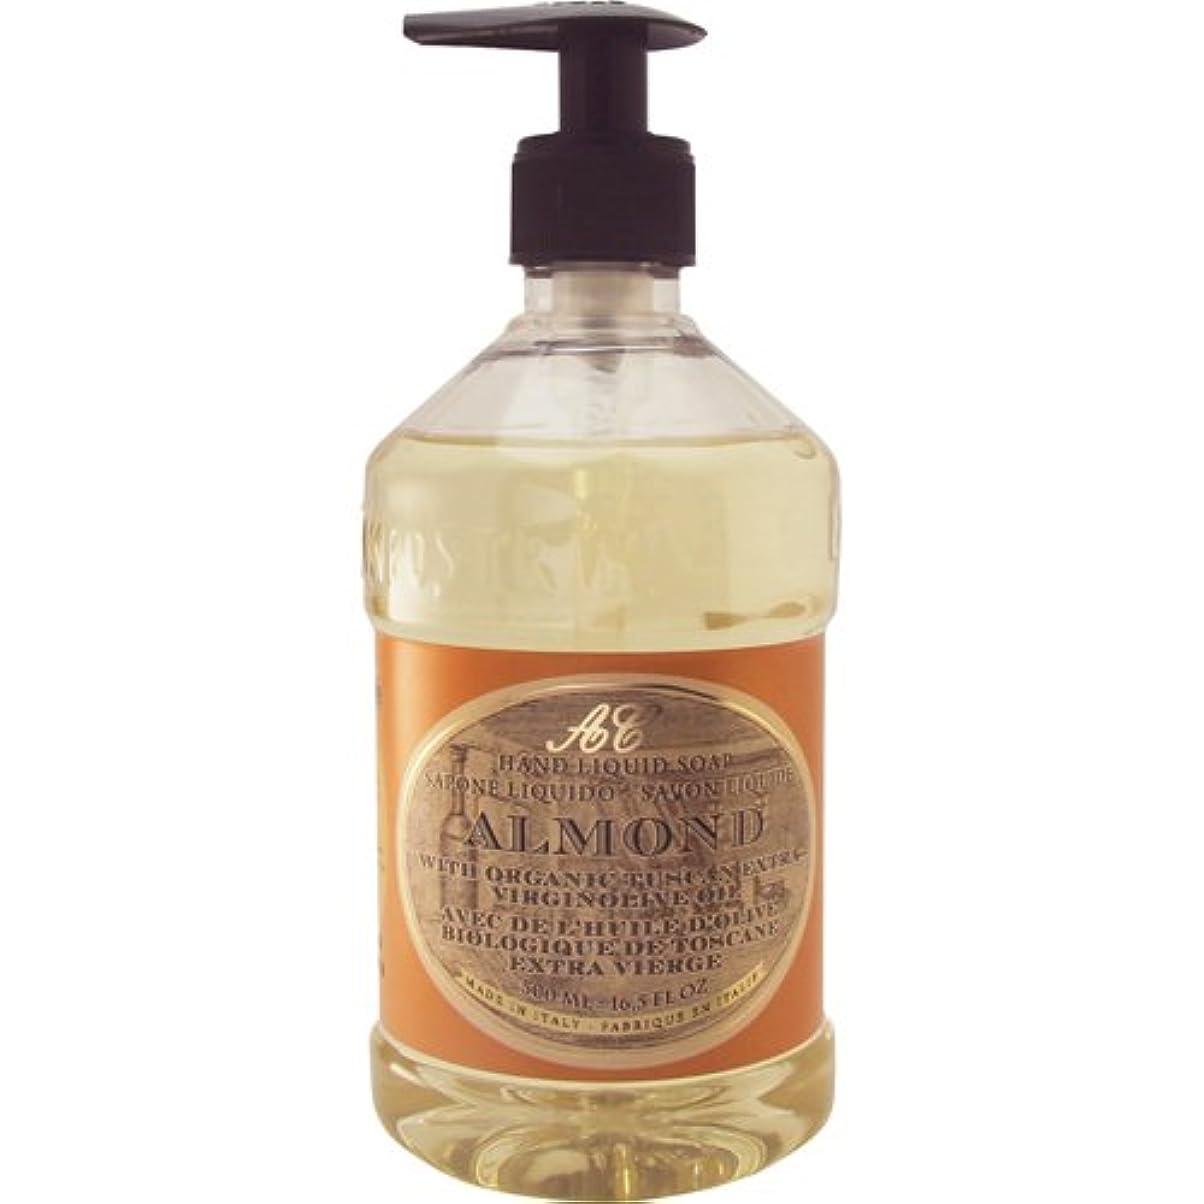 単語設計スキャンダルSaponerire Fissi レトロシリーズ Liquid Soap リキッドソープ 500ml Almond アーモンドオイル